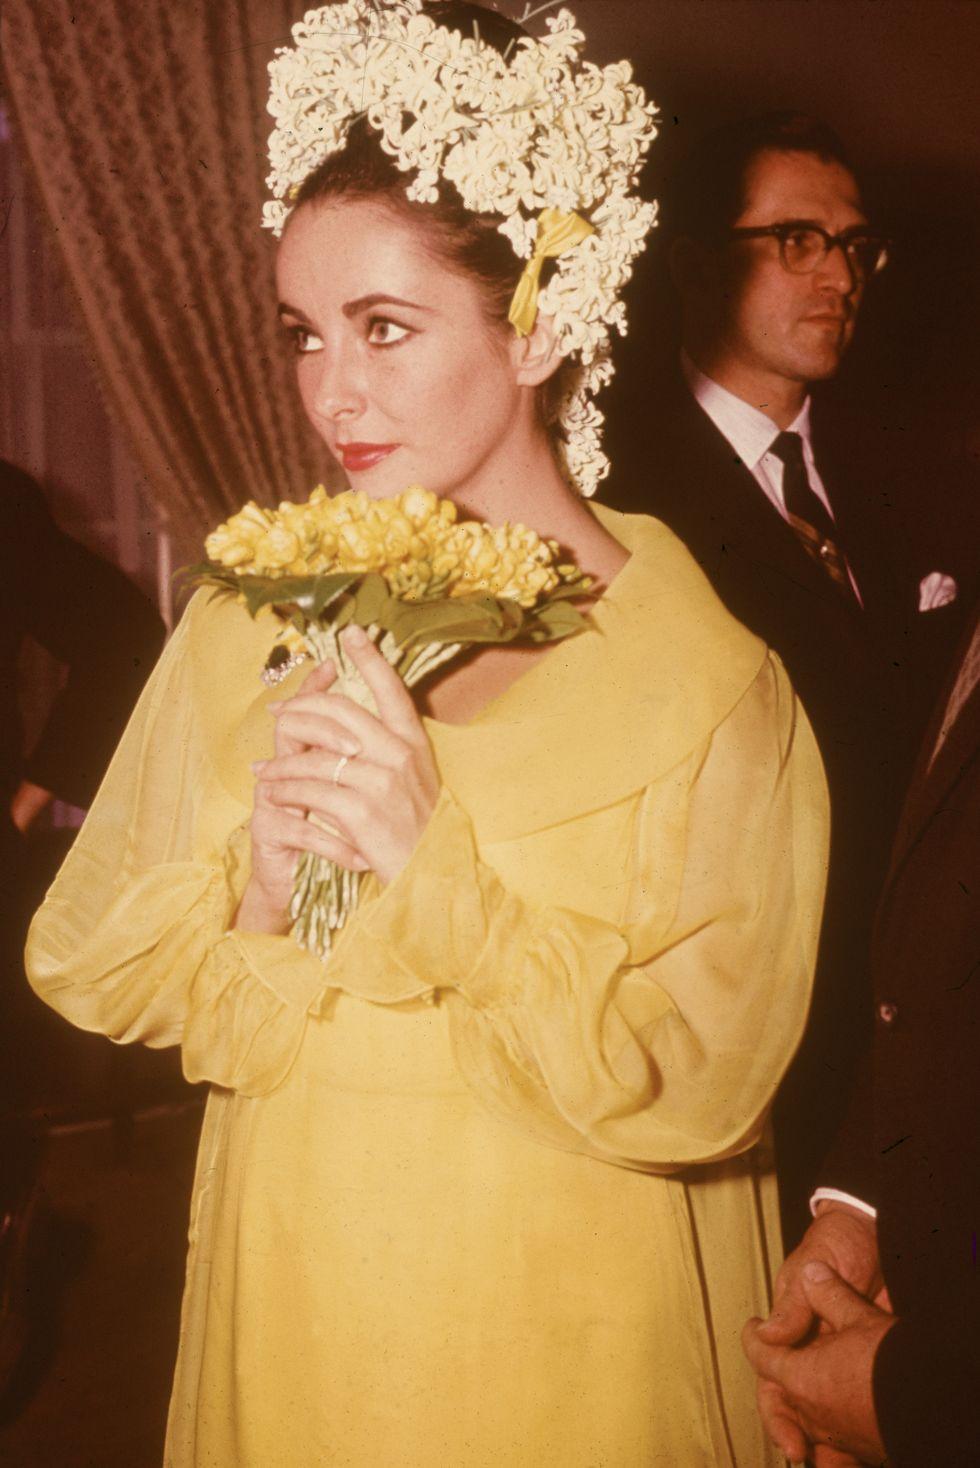 Elizabeth Taylor's 1964 wedding dress